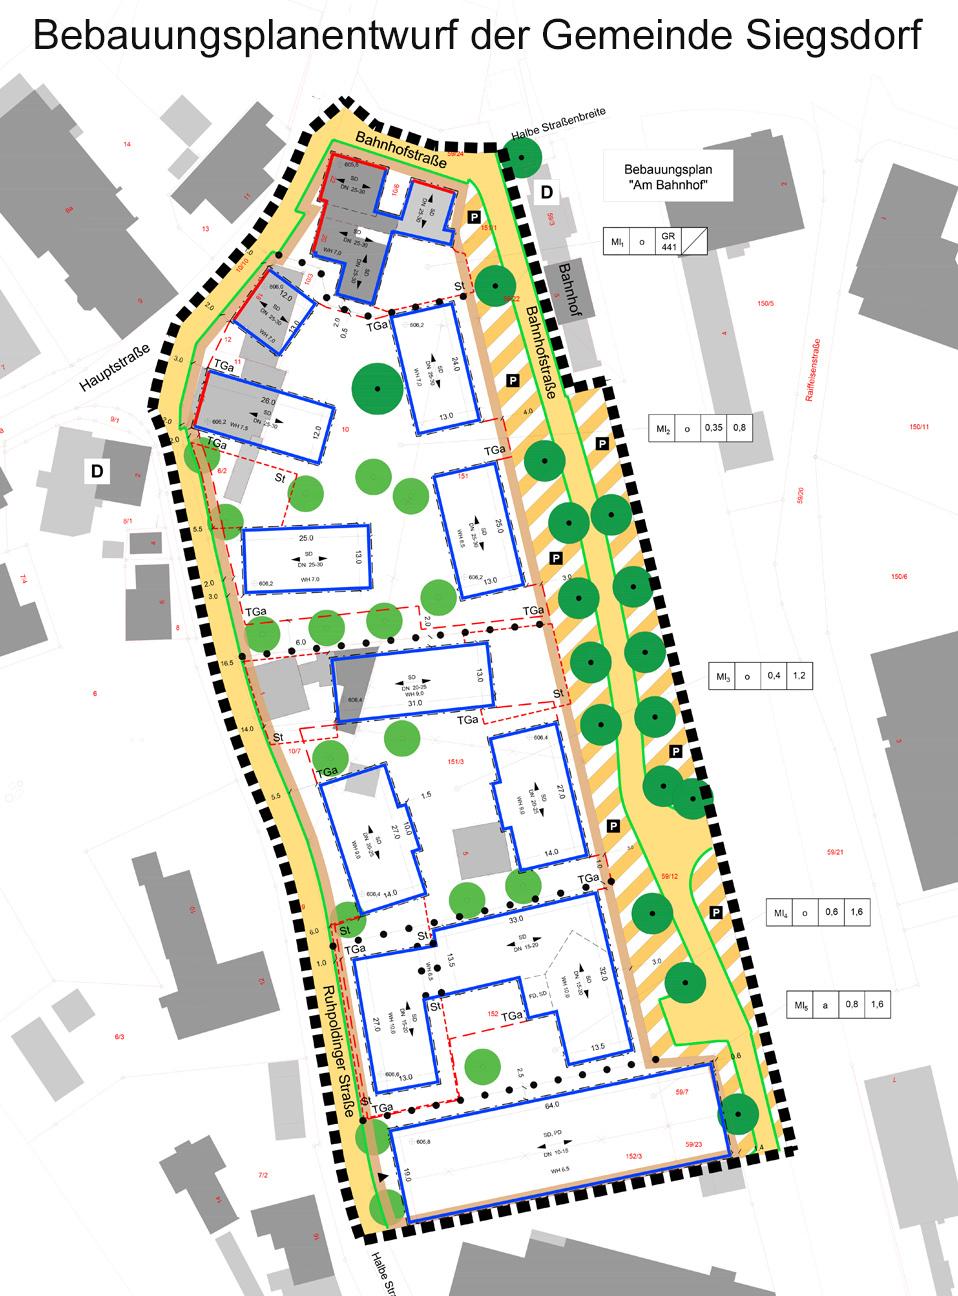 Ausgelegter Bebauungsplanentwurf im Bahnhofsbereich der Gemeinde Siegsdorf